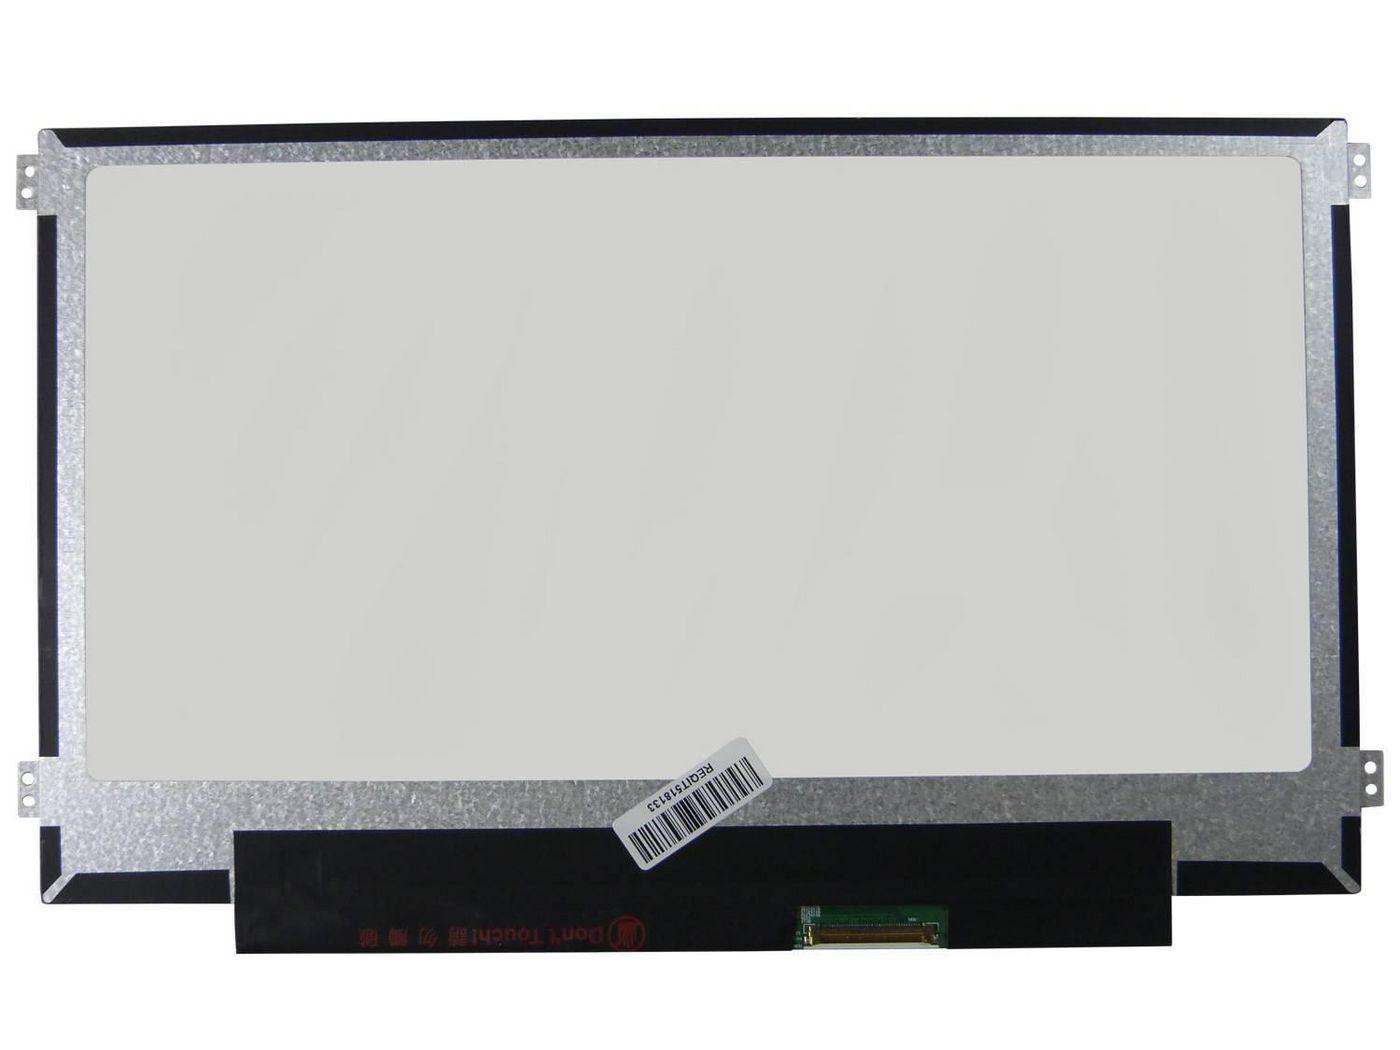 CoreParts MSC116H40-210M 11,6 LCD HD Matte